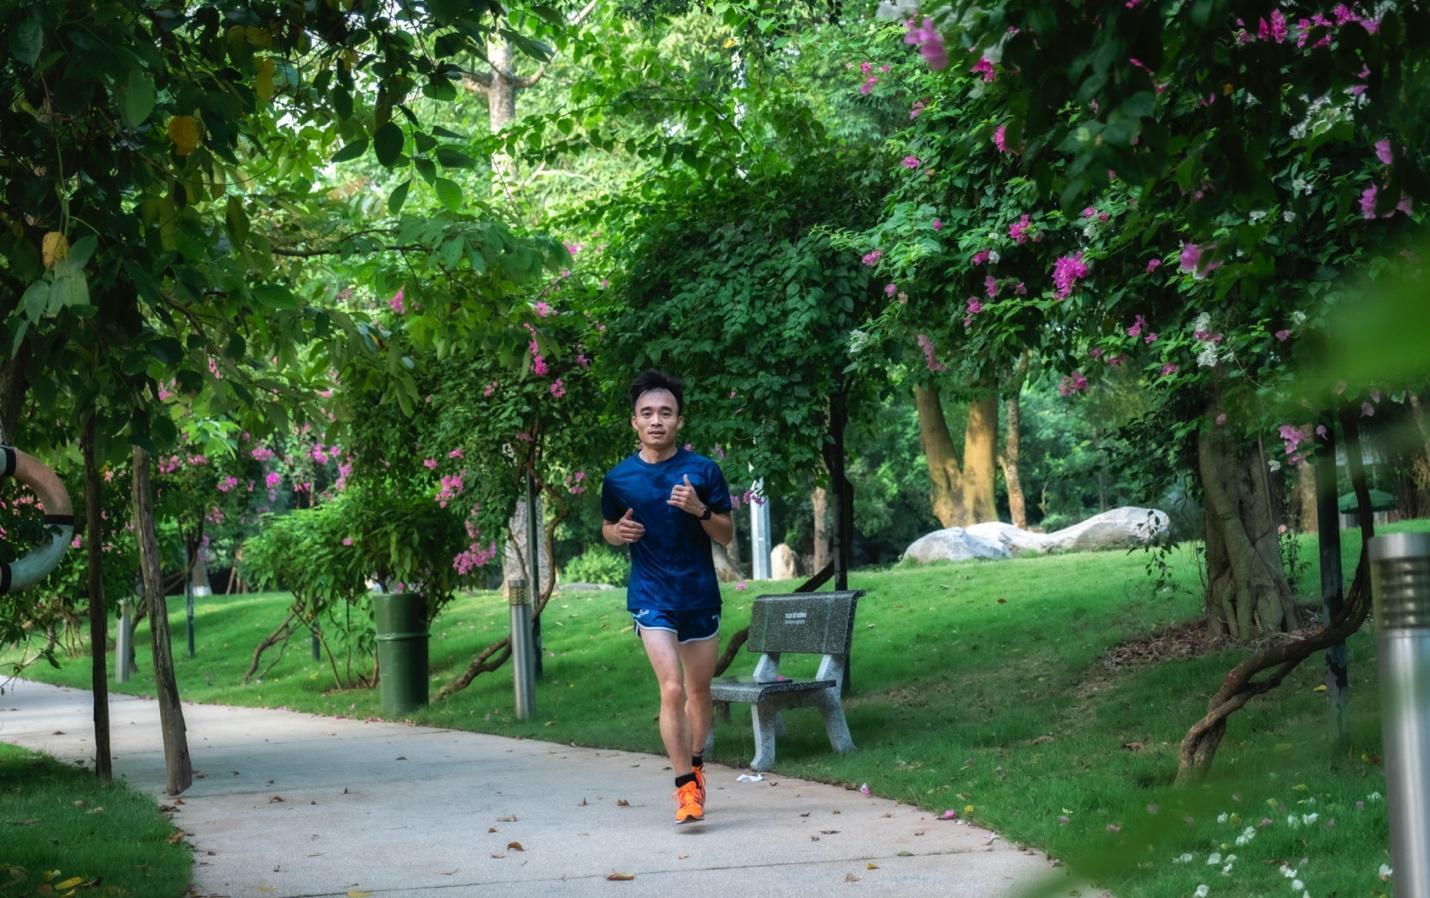 """Ecopark Marathon 2021 - Ngắm cung đường chạy giữa thiên nhiên """"siêu chất"""" trước giờ G - Ảnh 13."""